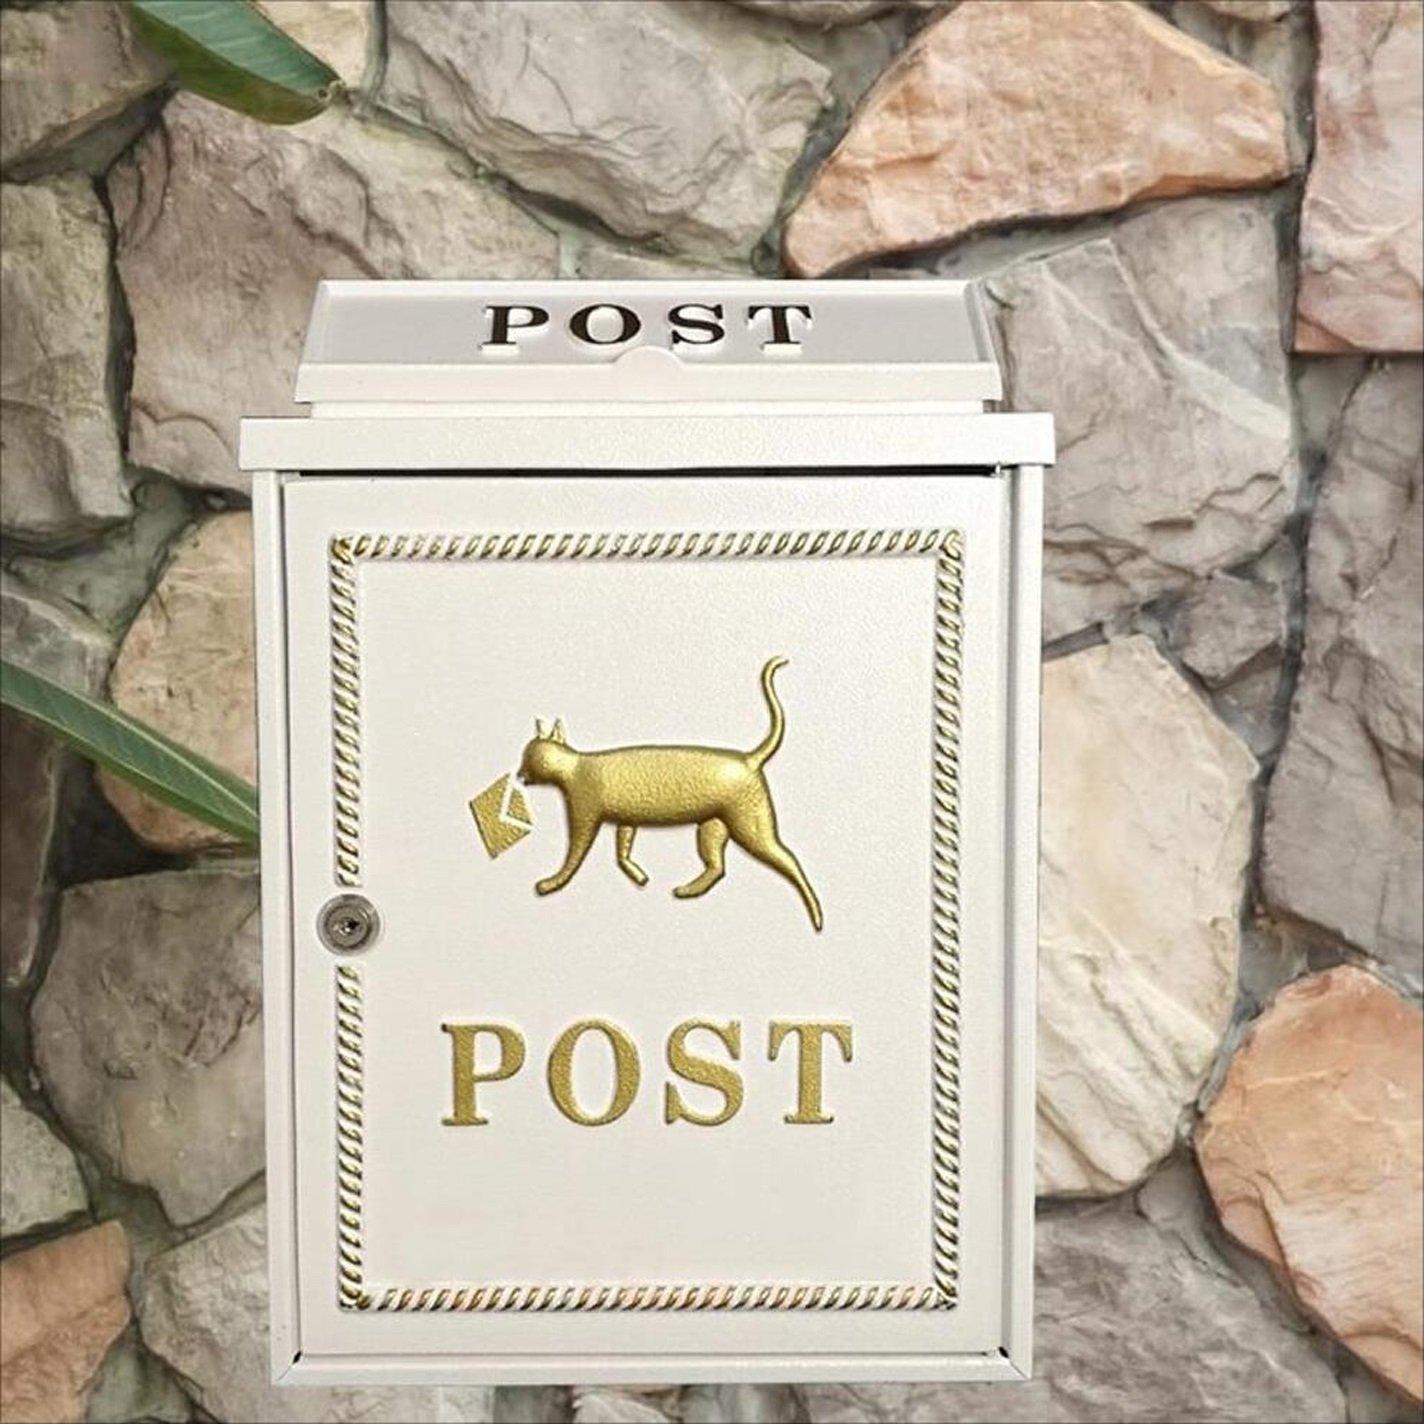 LRW ヨーロッパの郵便受けの壁掛けレターボックス、セルメールボックス、メールボックス、ヴィラメールボックス、壁掛け装飾、白   B07HP572JX